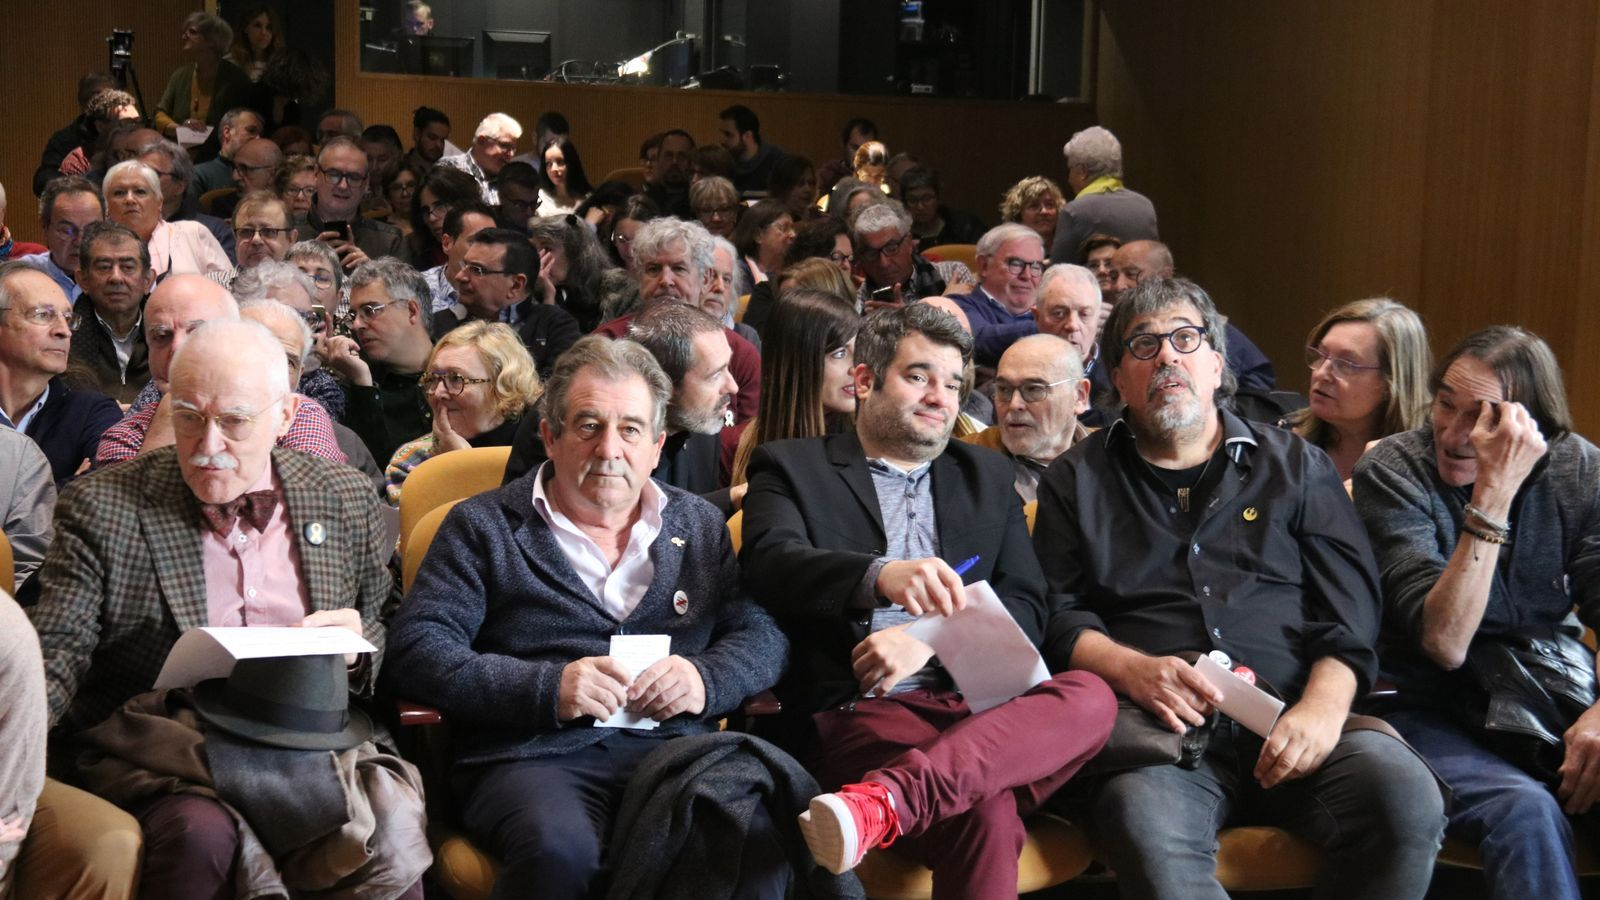 El col·lectiu 'Independentistes d'Esquerra' convoquen una assemblea el 29 de març per bastir un rumb comú